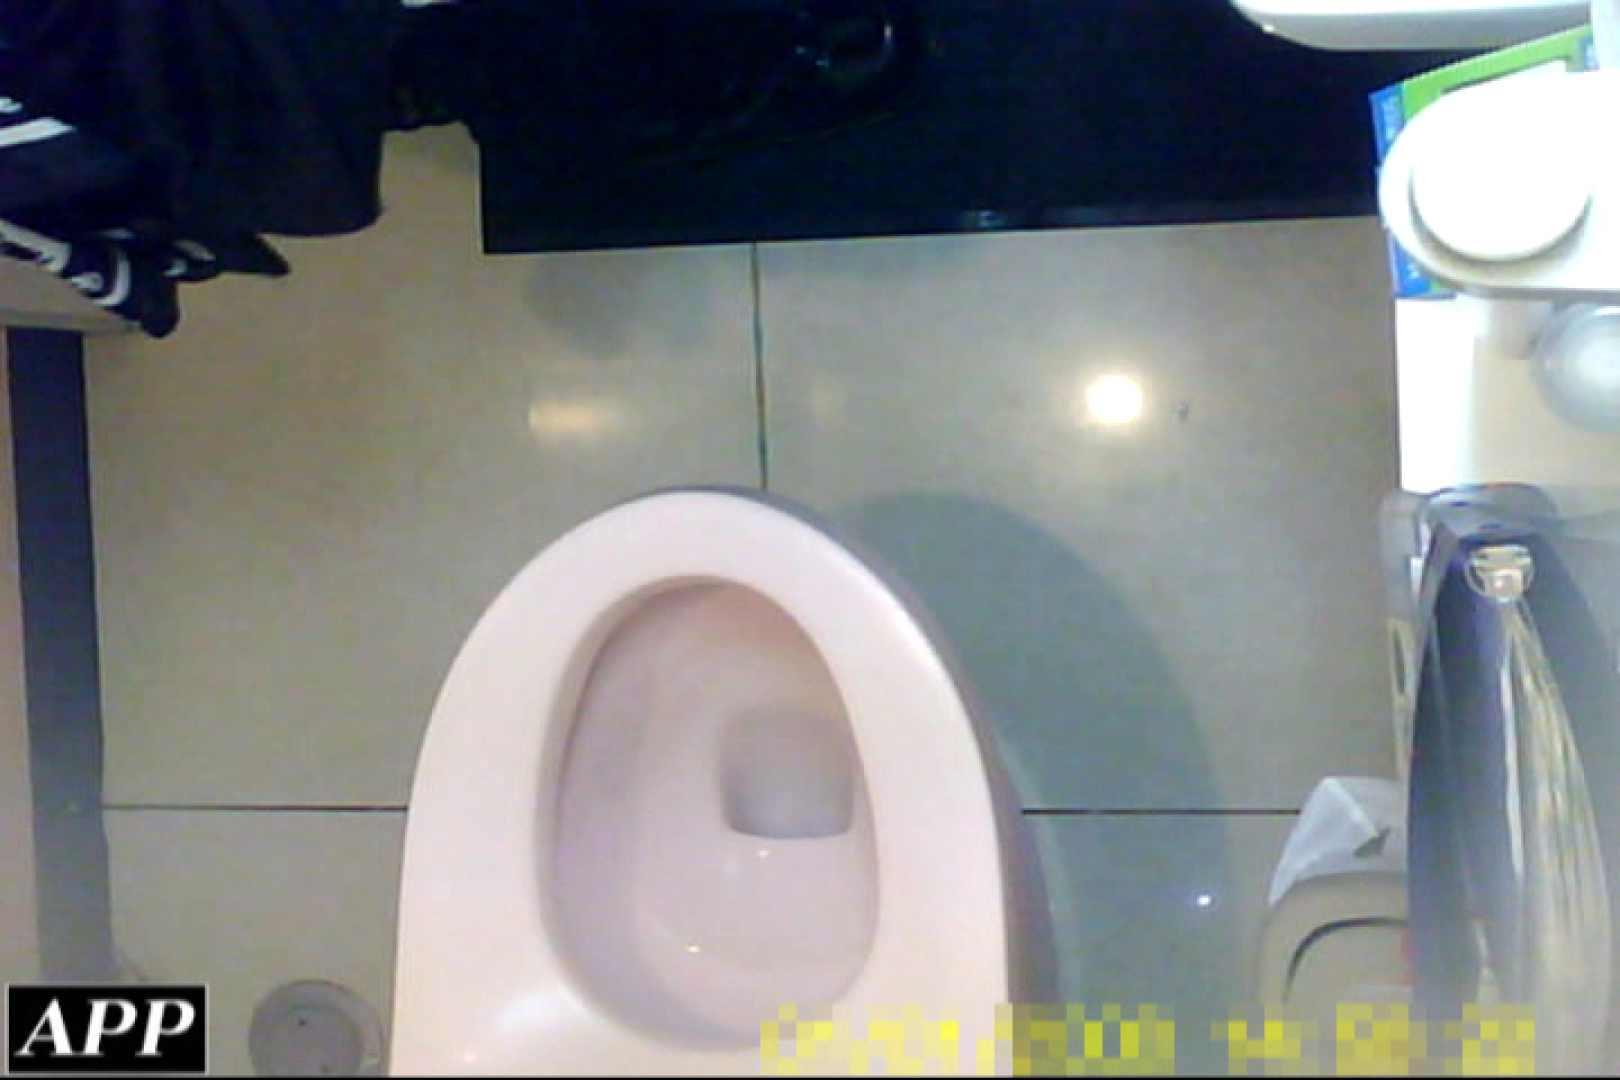 3視点洗面所 vol.97 無修正オマンコ | OLセックス  84画像 73